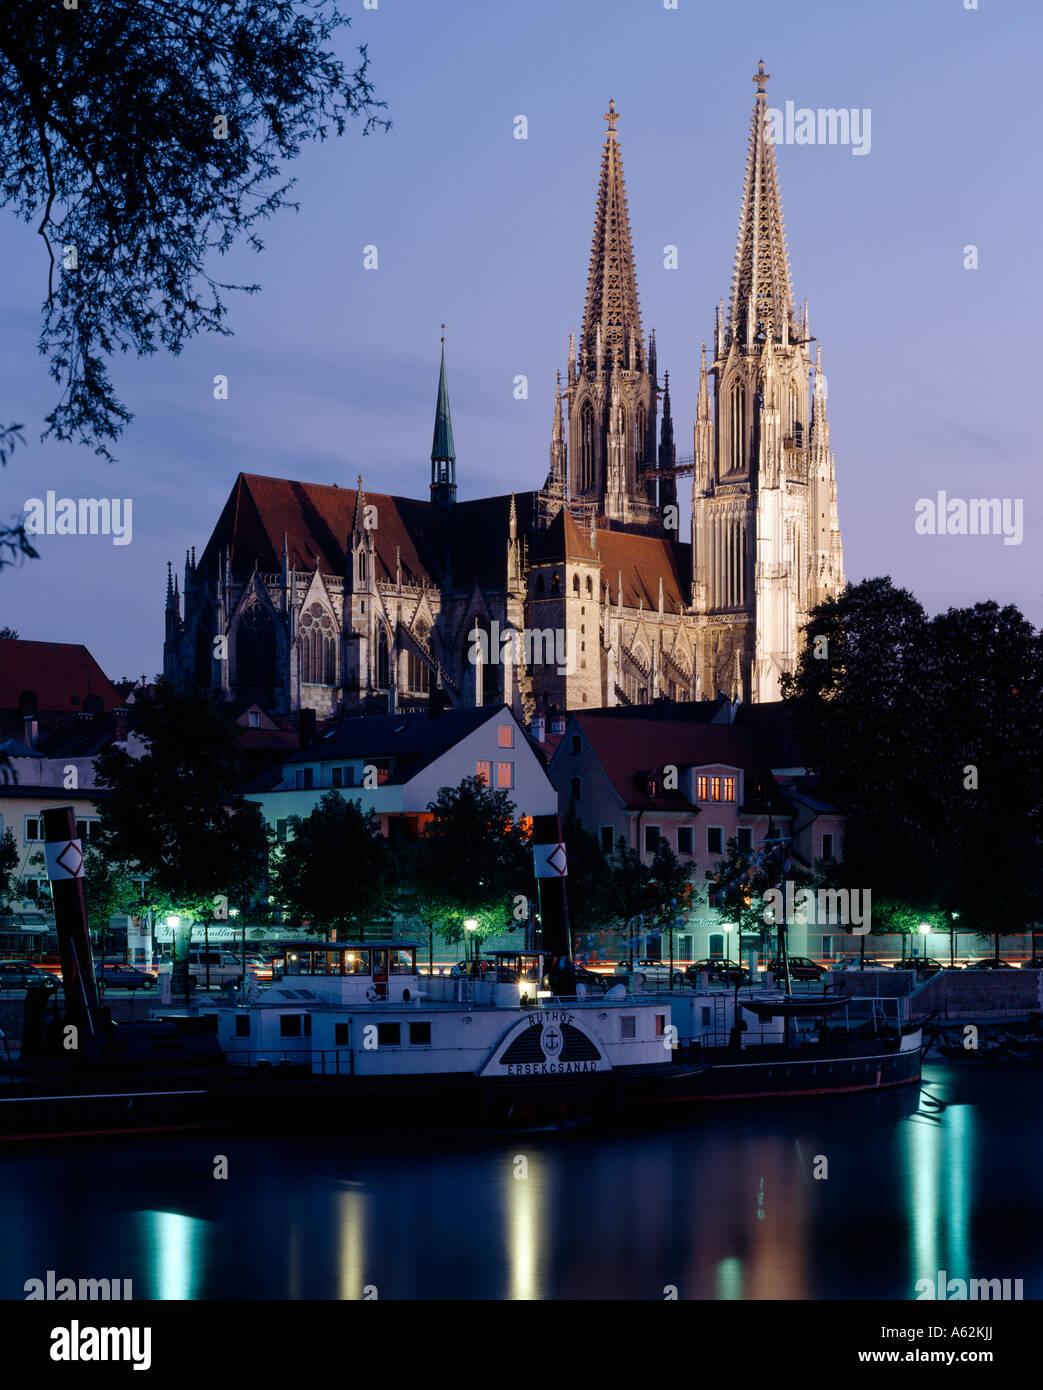 Regensburg, Dom, Blick von Norden über die Donau, Abendstimmung - Stock Image